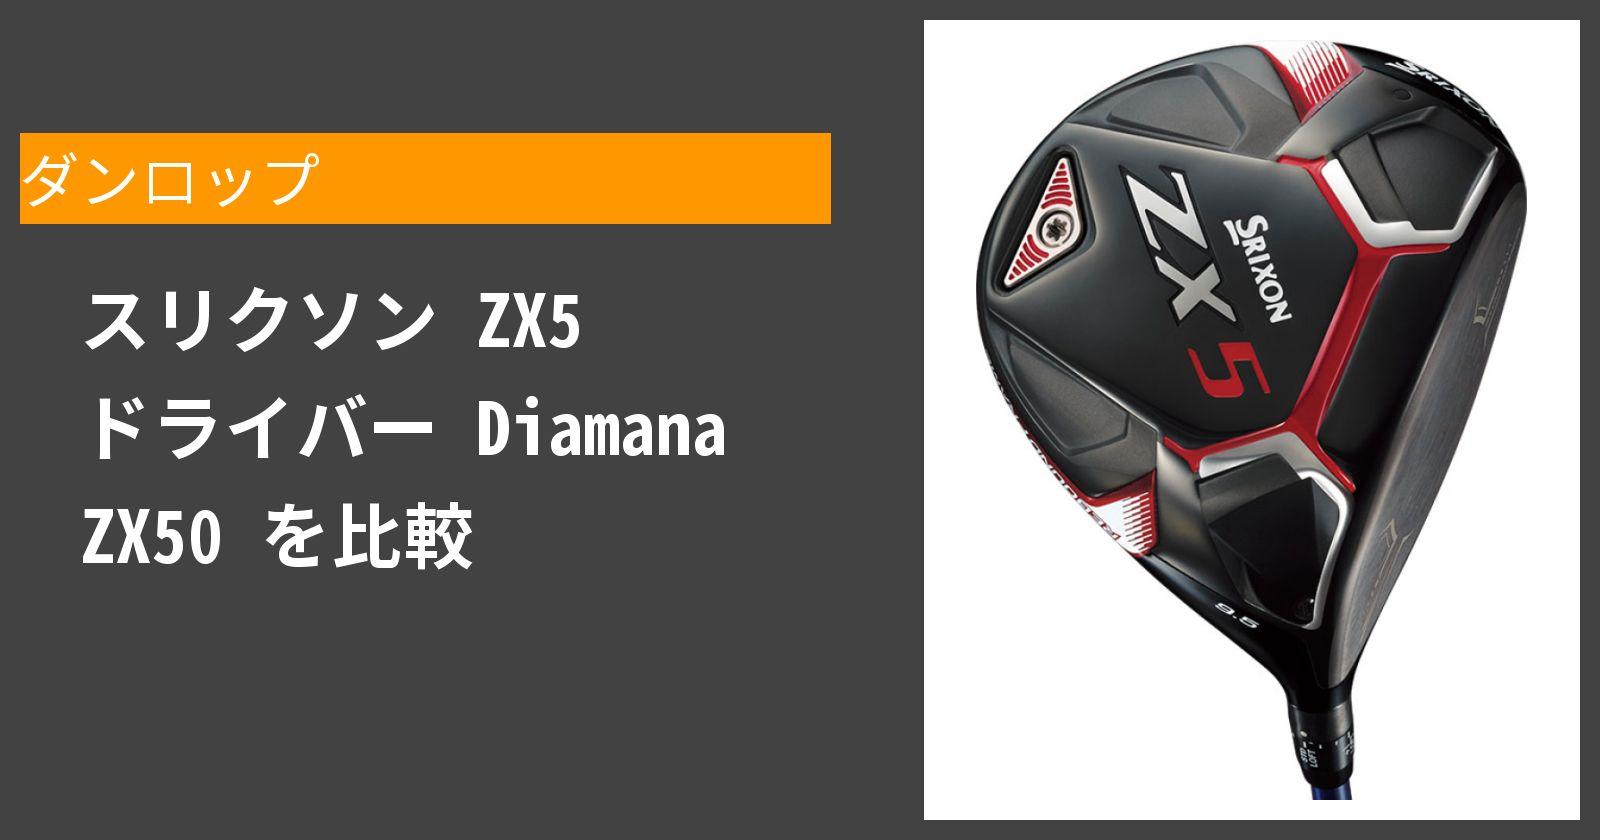 スリクソン ZX5 ドライバー Diamana ZX50を徹底評価